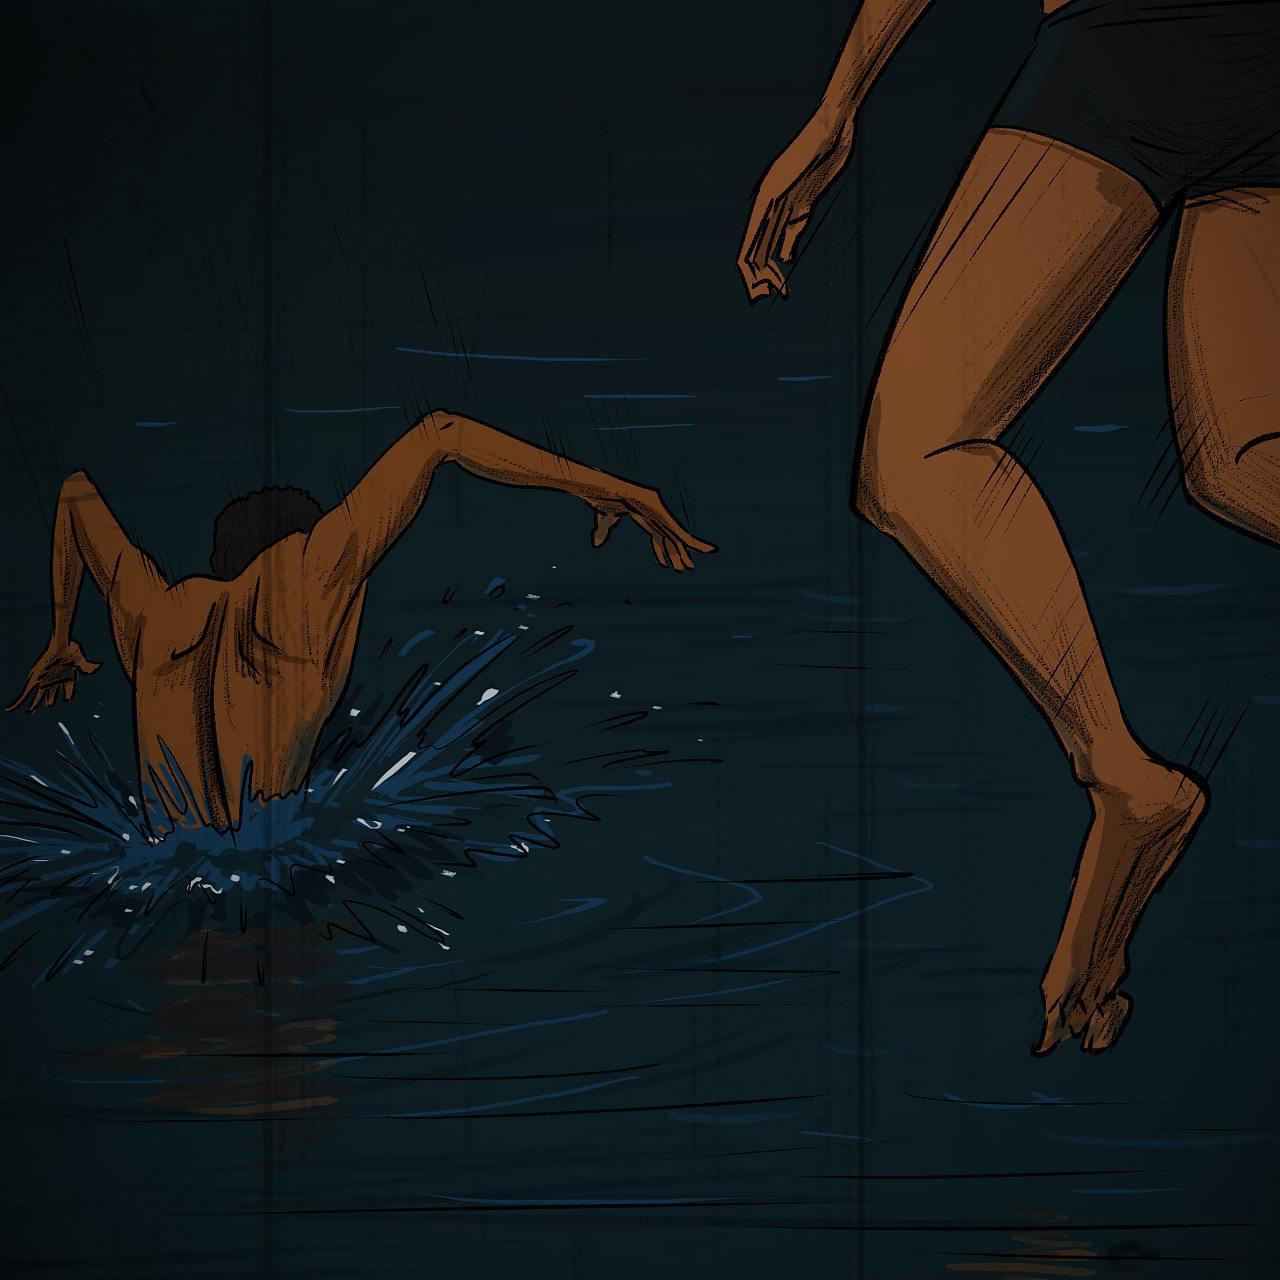 天津夜泳女子灵异事件